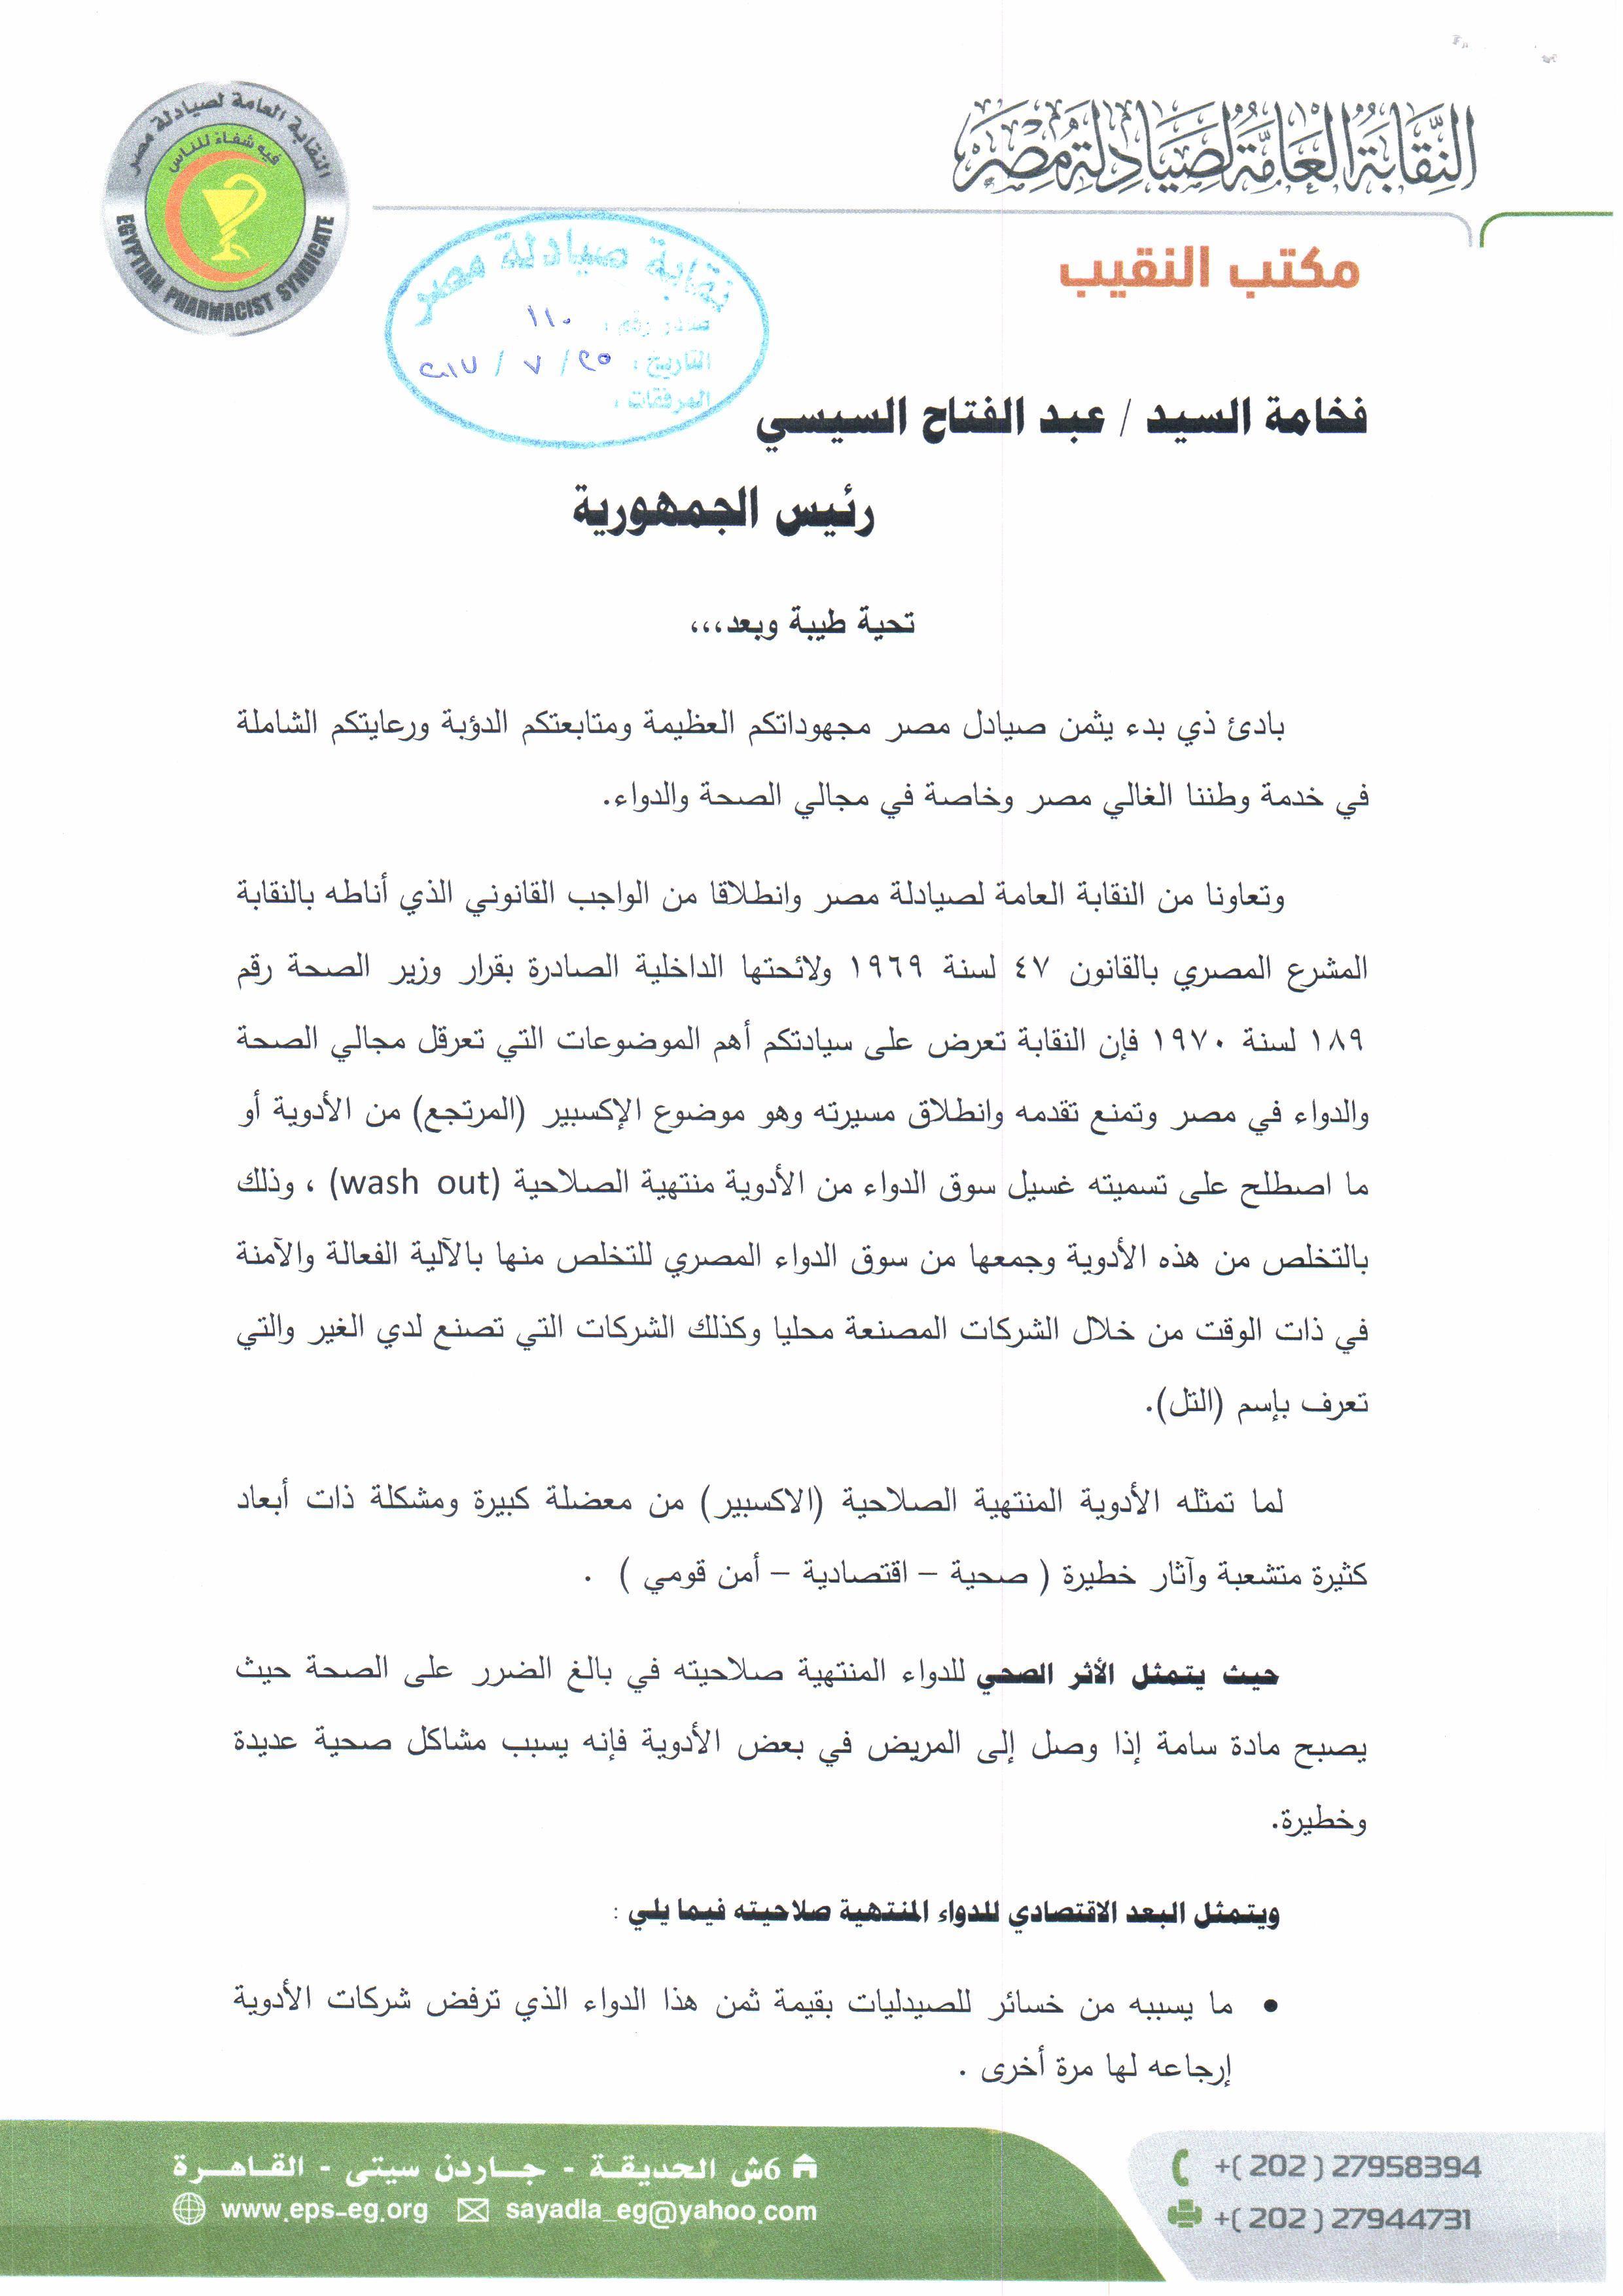 مذكرة نقيب الصيادلة للرئاسة (1)